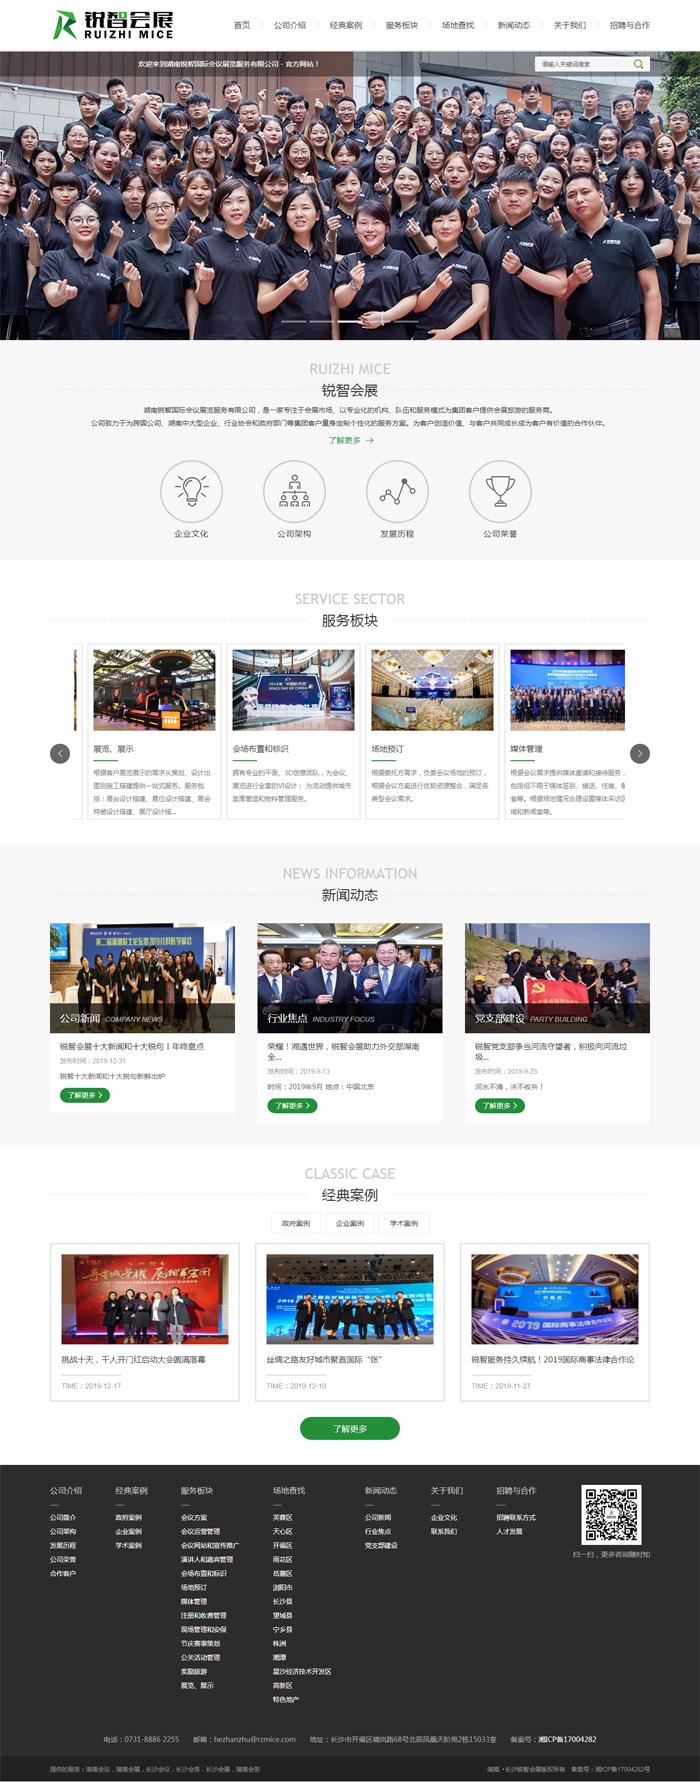 湖南锐智国际会议展览服务有限公司欧宝体育官网下载地址效果图